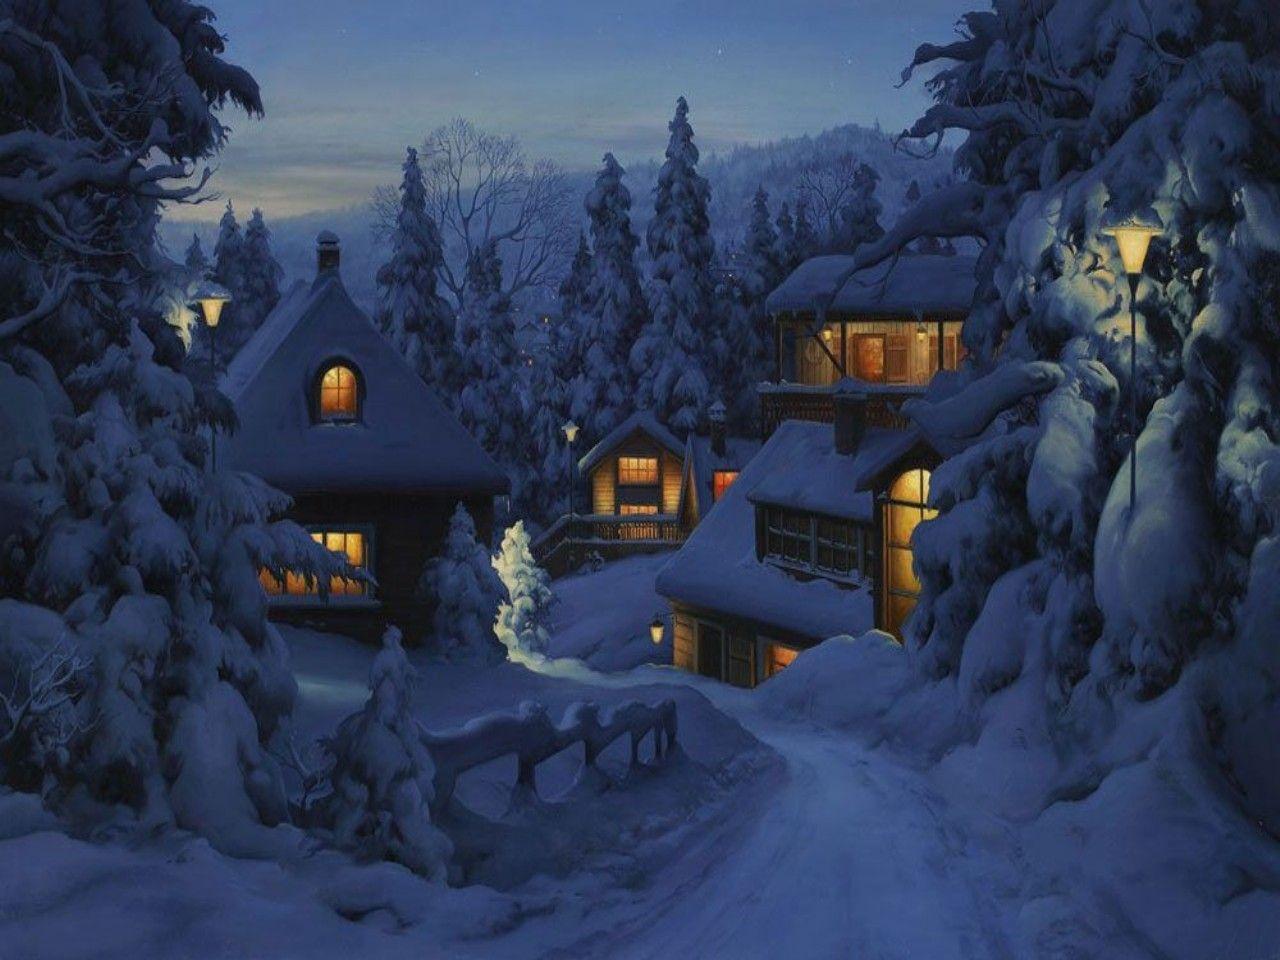 Amazing Wallpaper Mountain Christmas - 8cca32f0d0e8250d39d85d48aa3171c1  Trends_97214.jpg